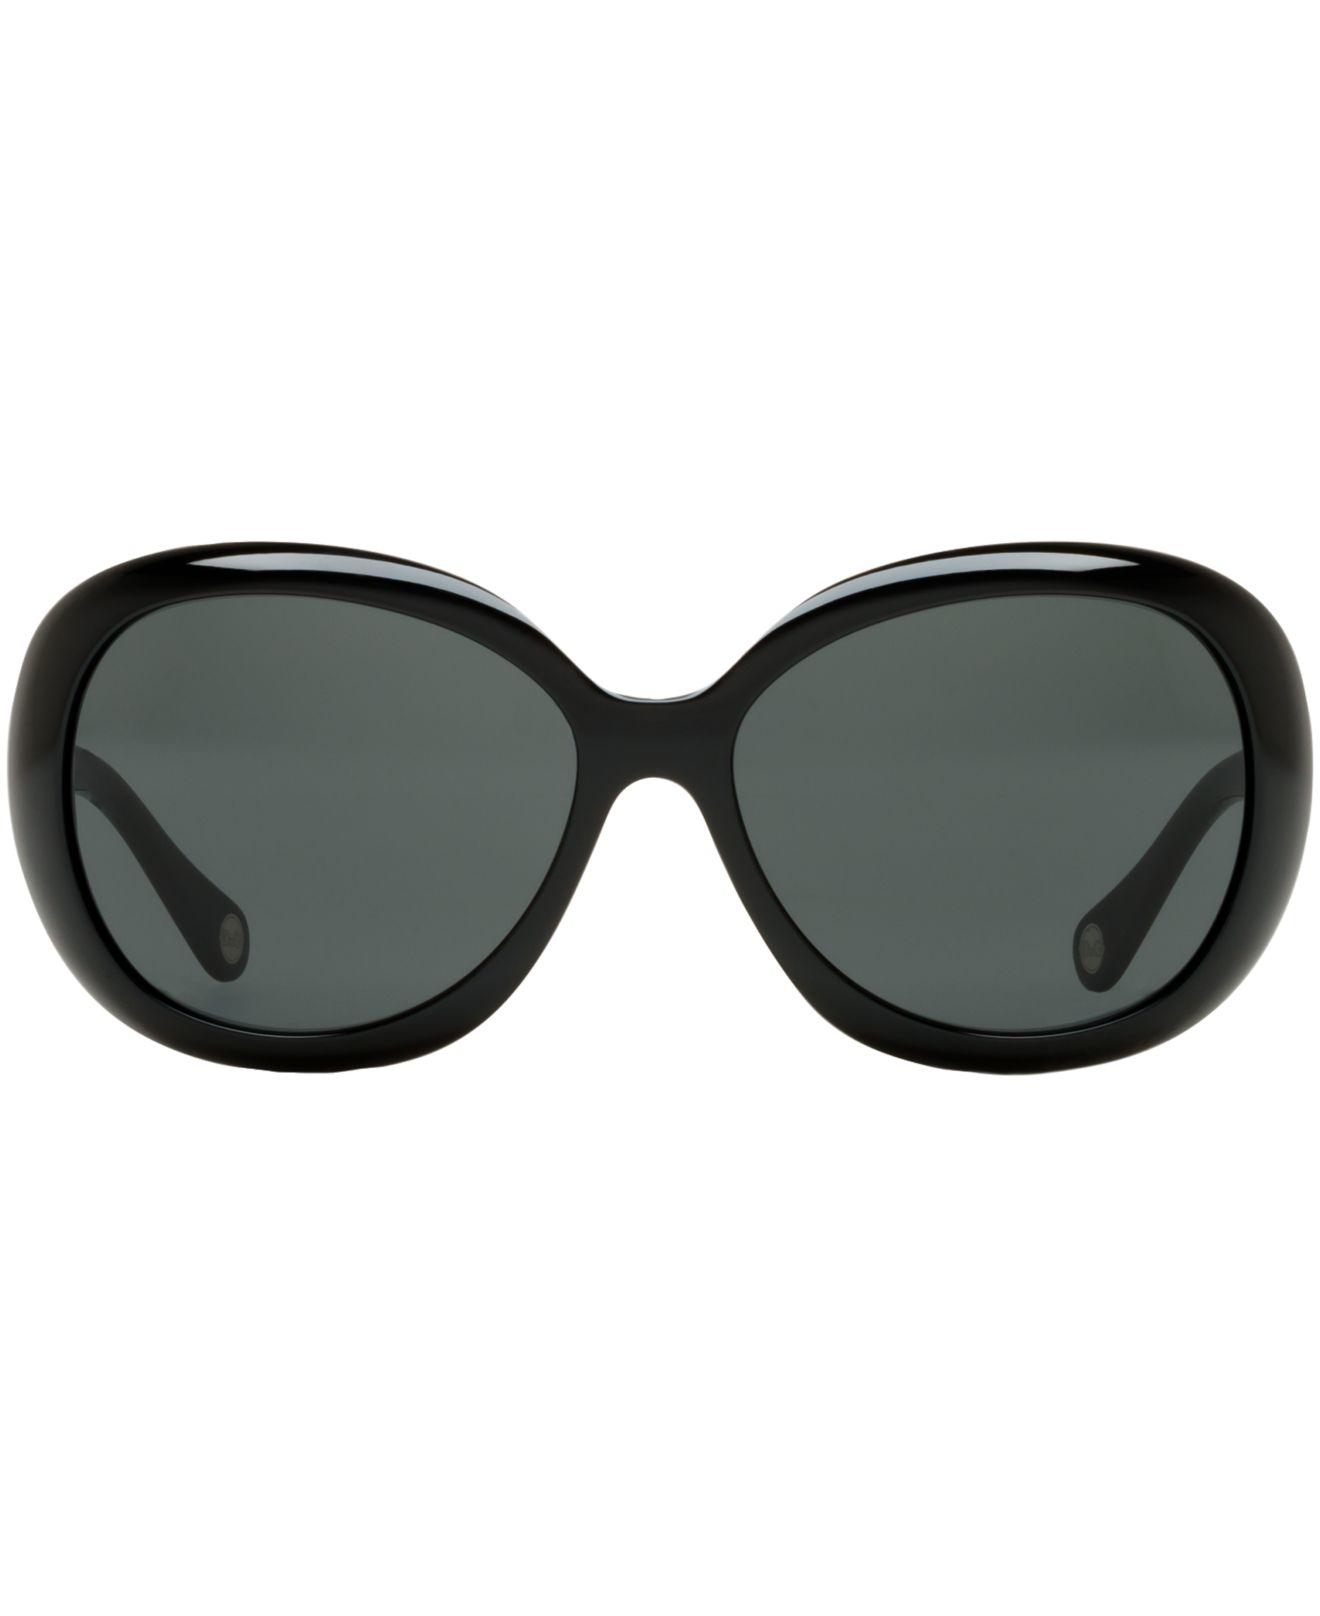 0d8f97c57a9 Lyst - Dolce   Gabbana Dolce   Gabbana Sunglasses